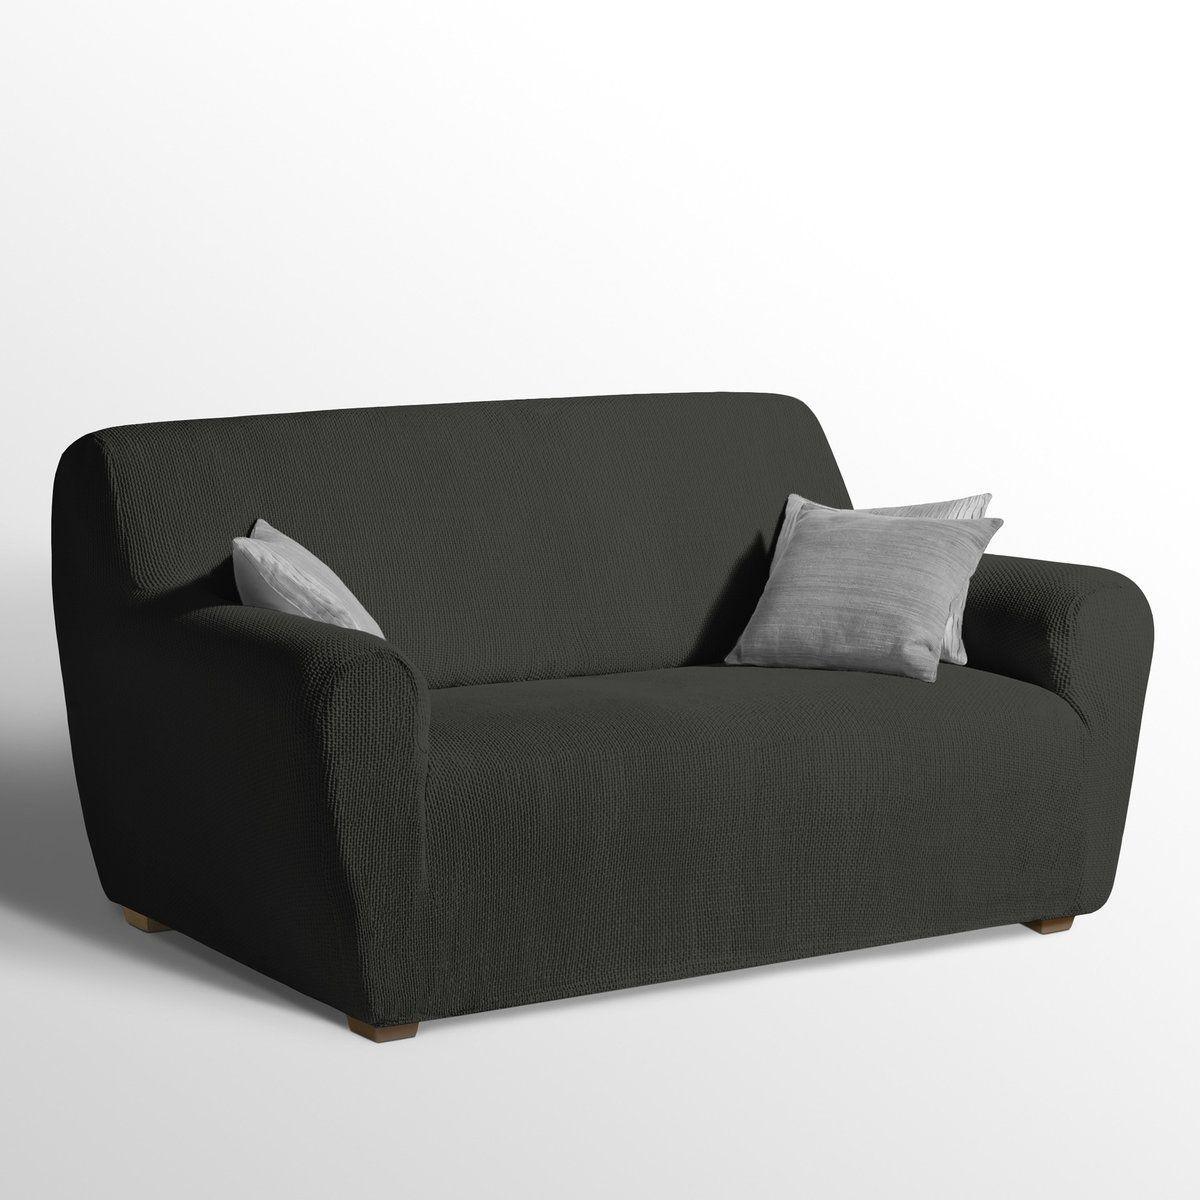 Achat housse canap fauteuil linge de maison maison for La redoute housse fauteuil